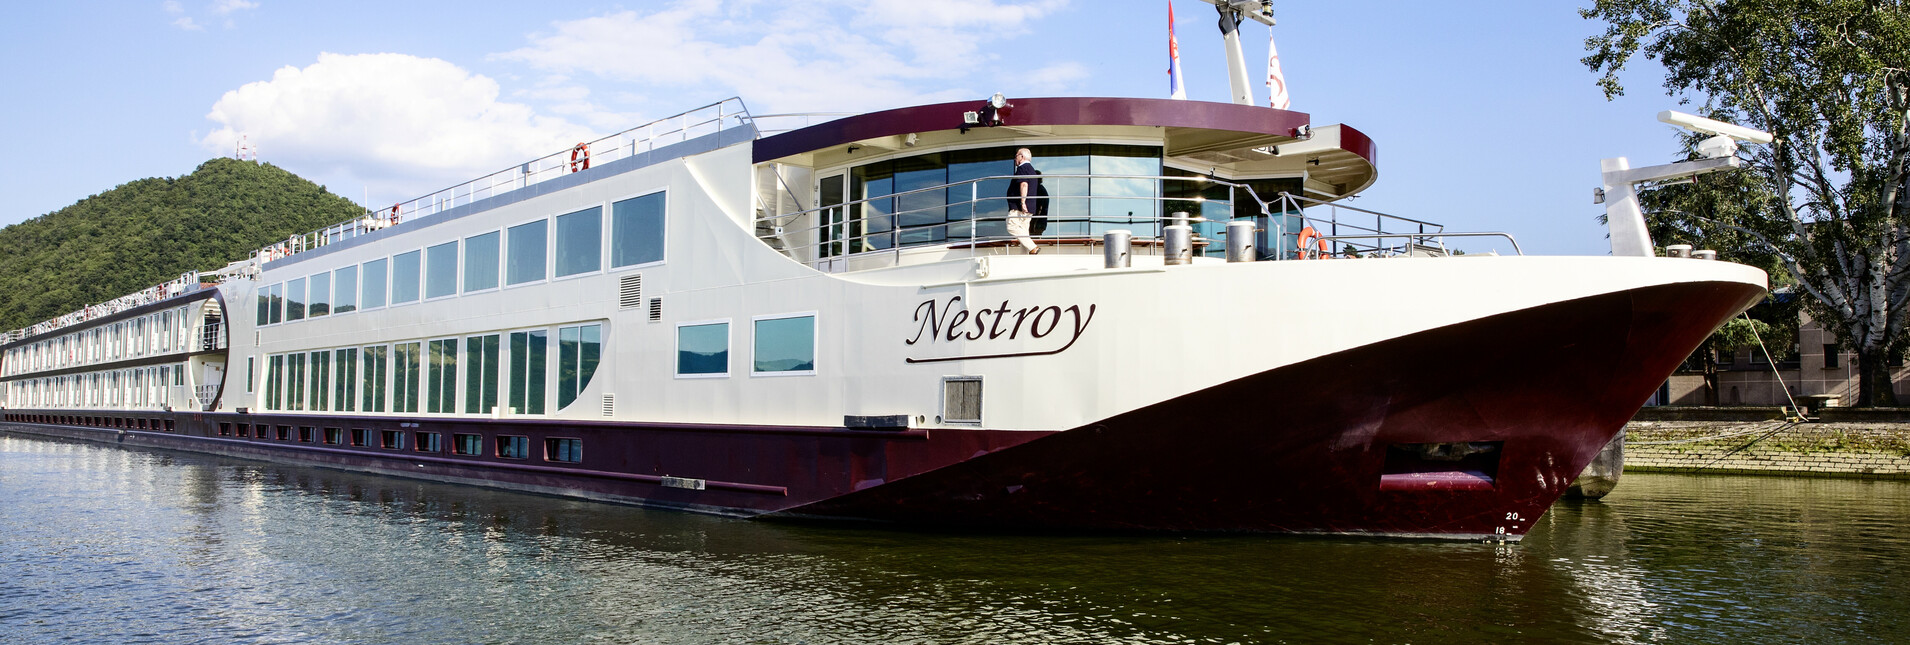 4* MS Nestroy - Auf der Donau vom Schwarzen Meer nach Wien